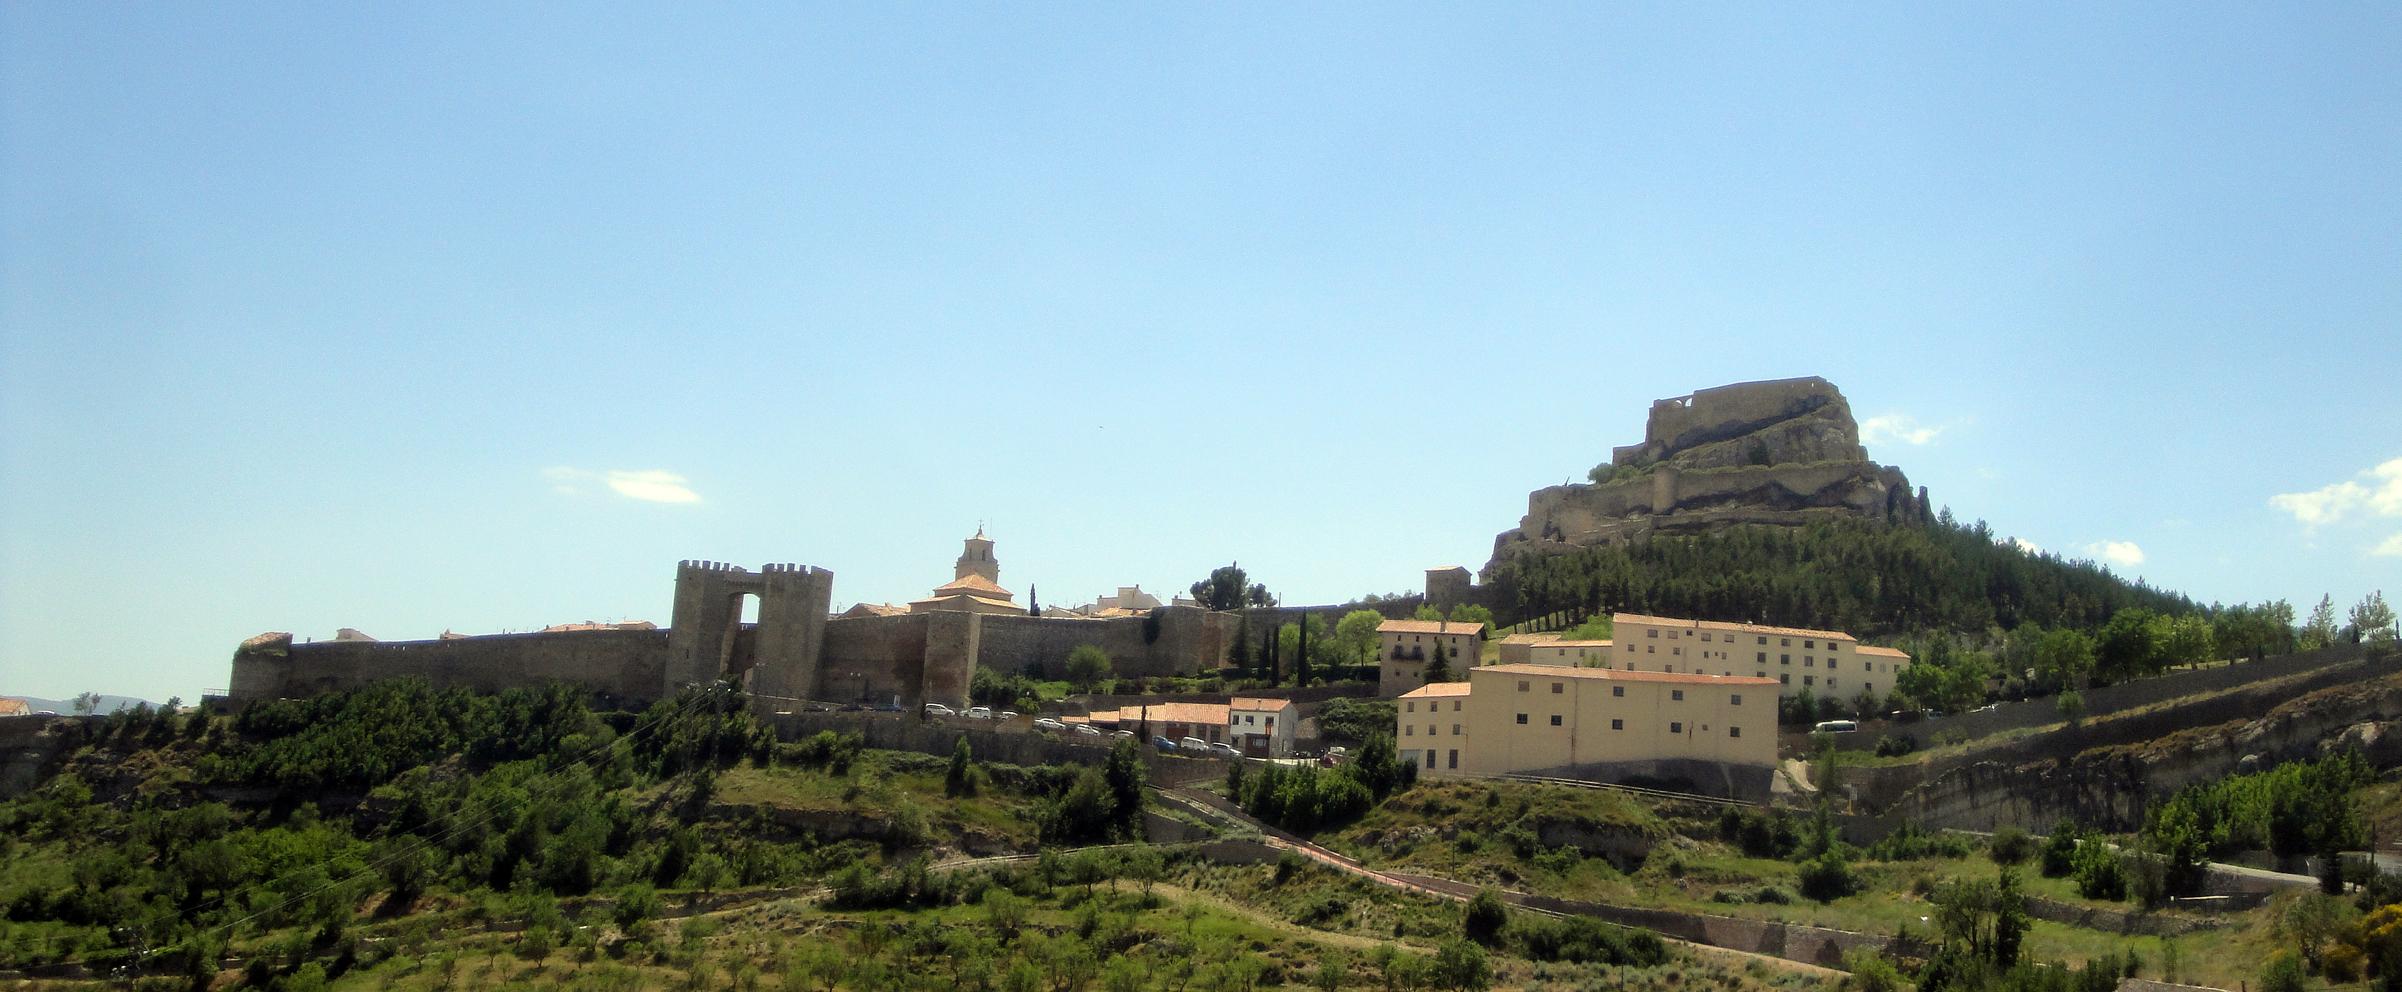 20.06.2012 Vista de Morella venint des de la carretera d'Alcanyís  Morella -  Jordi Bibià